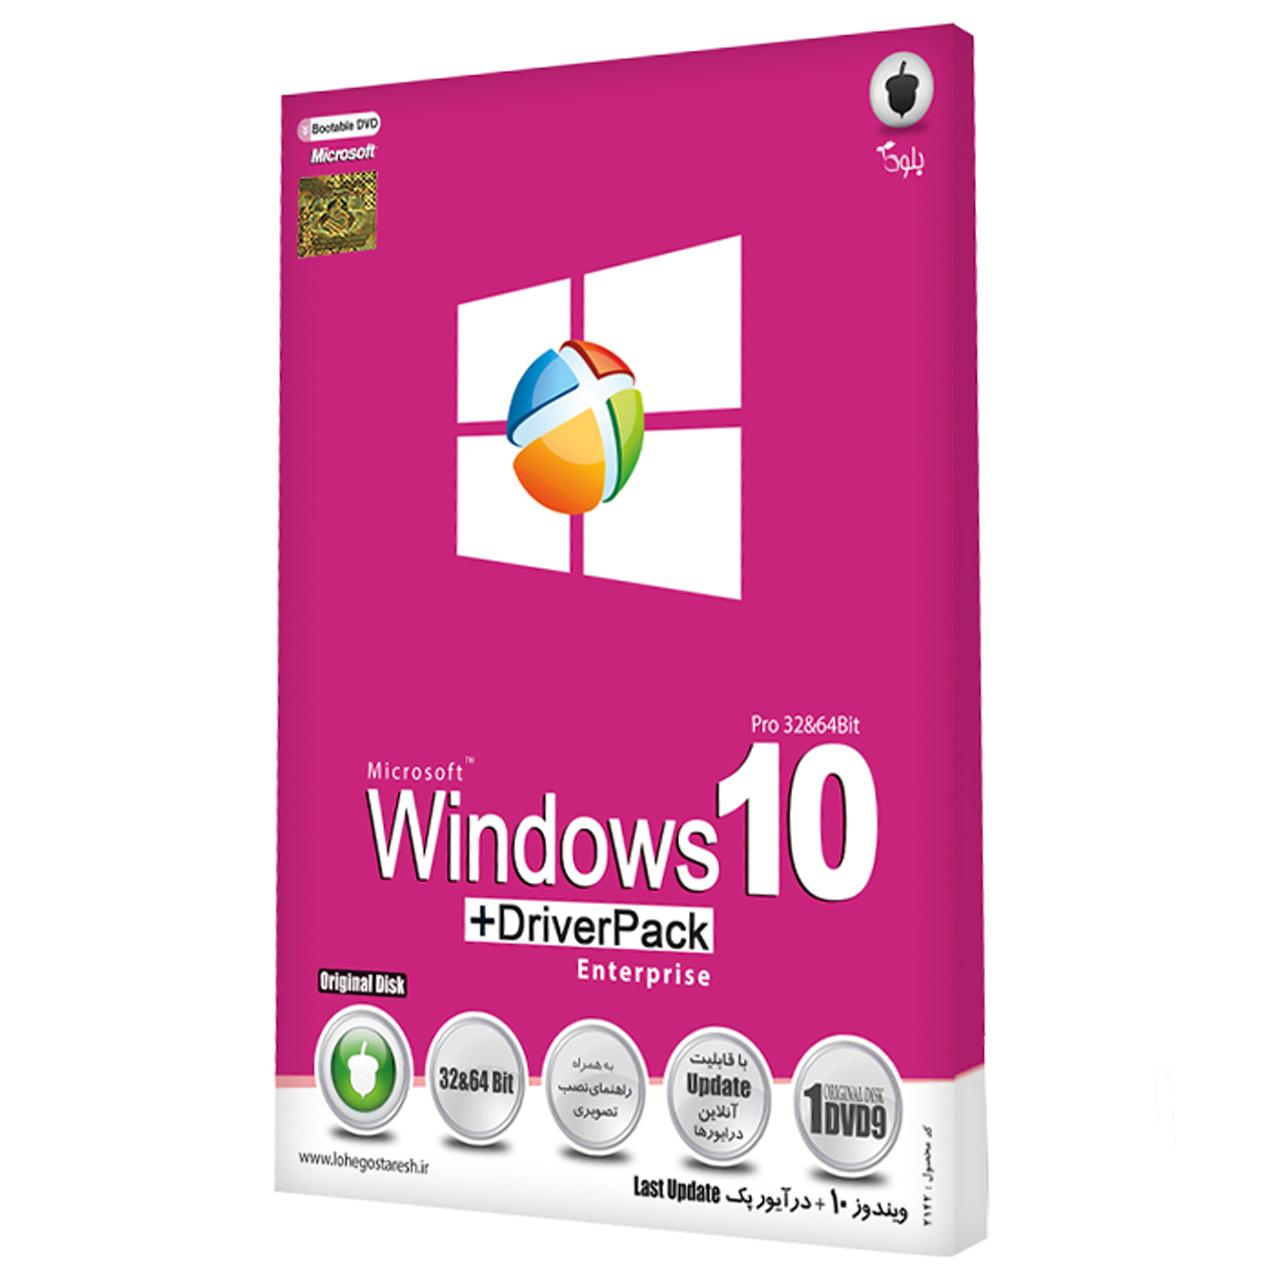 سیستم عامل بلوط ویندوز 10 به همراه دارایور پک